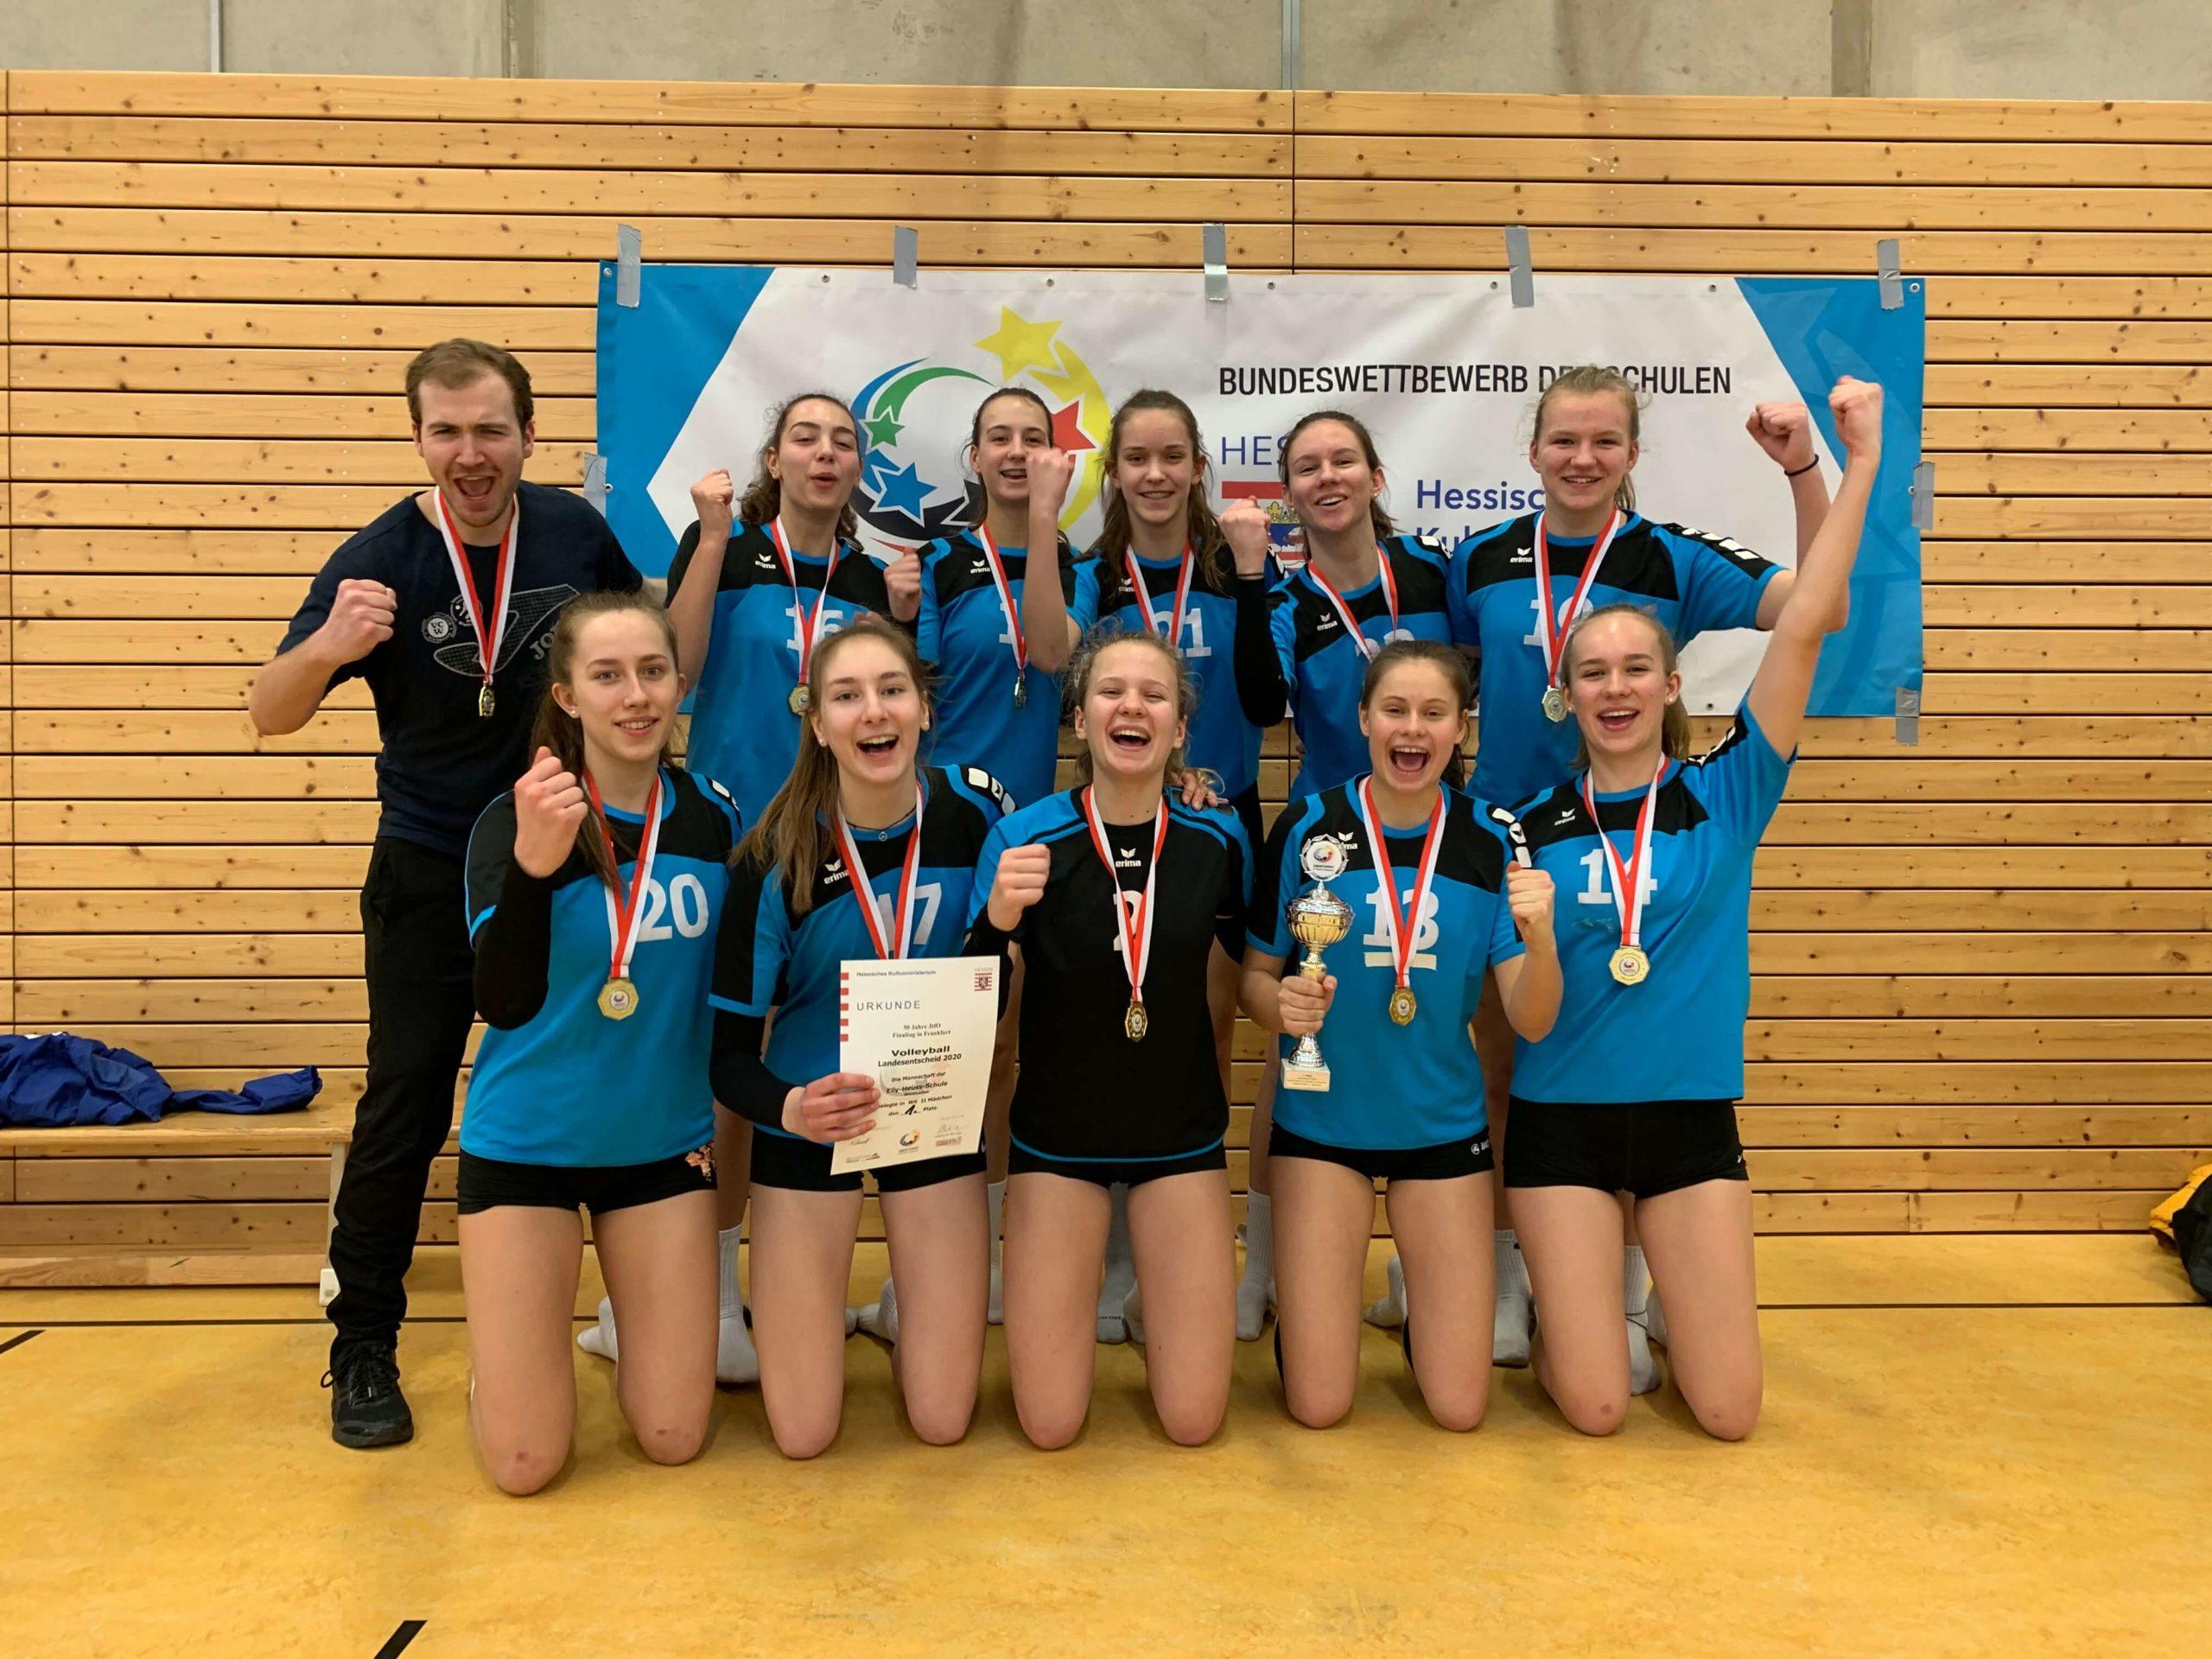 Doppelter Landessieg für die EHS-Volleyballerinnen